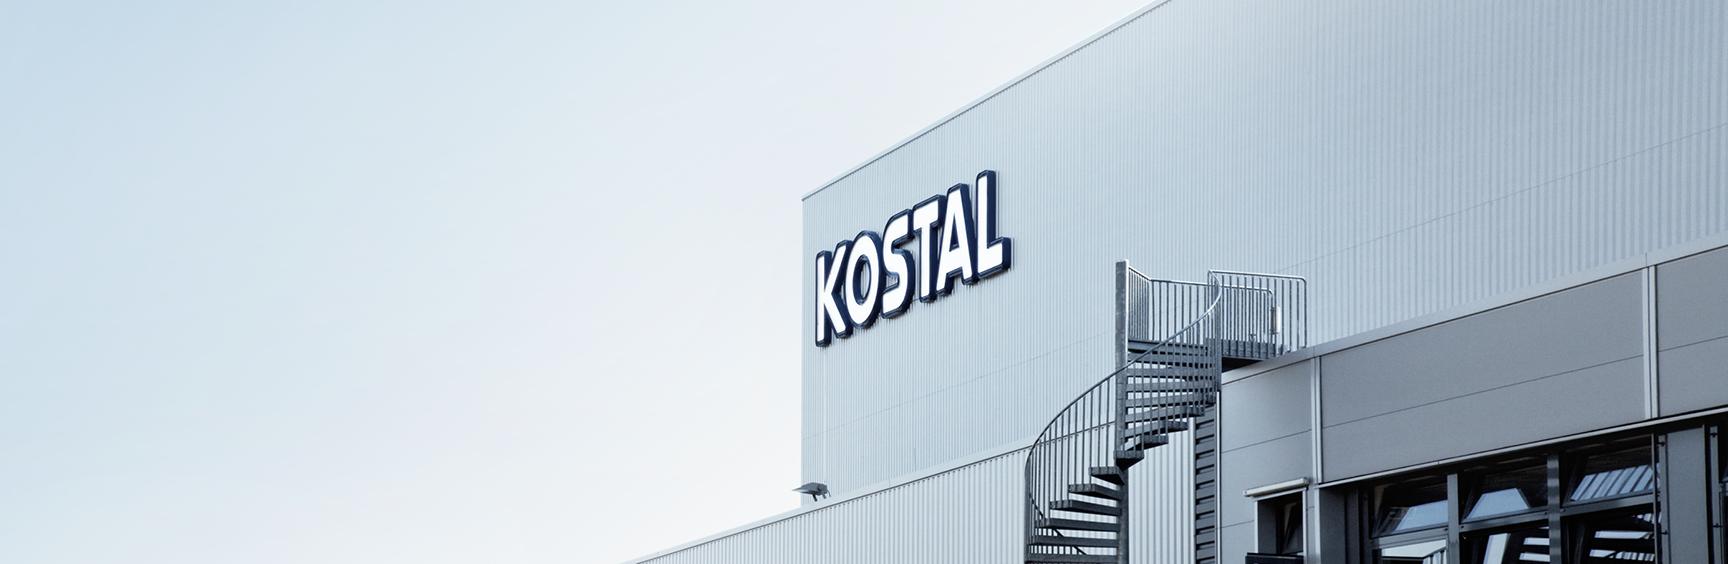 Firmengebaeude mit KOSTAL Logo